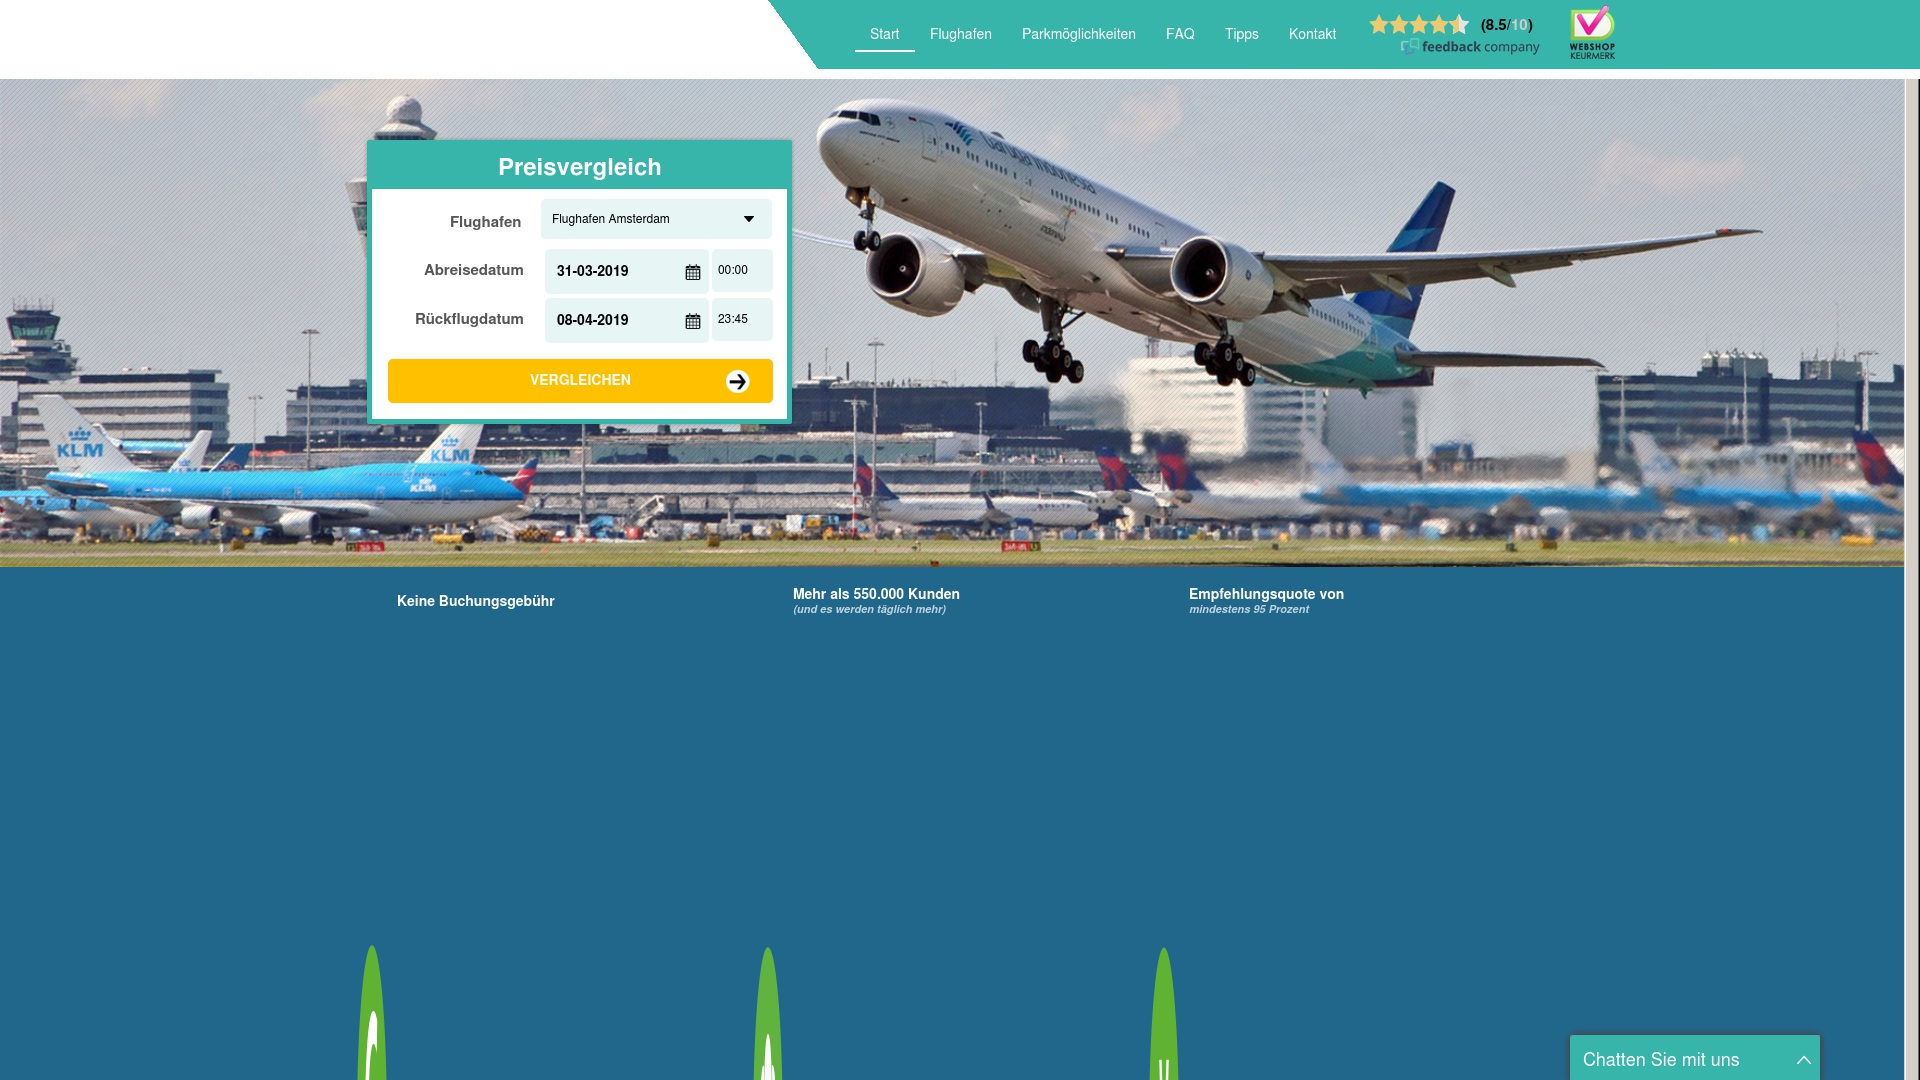 Gutschein für Parkenamflughafen: Rabatte für  Parkenamflughafen sichern